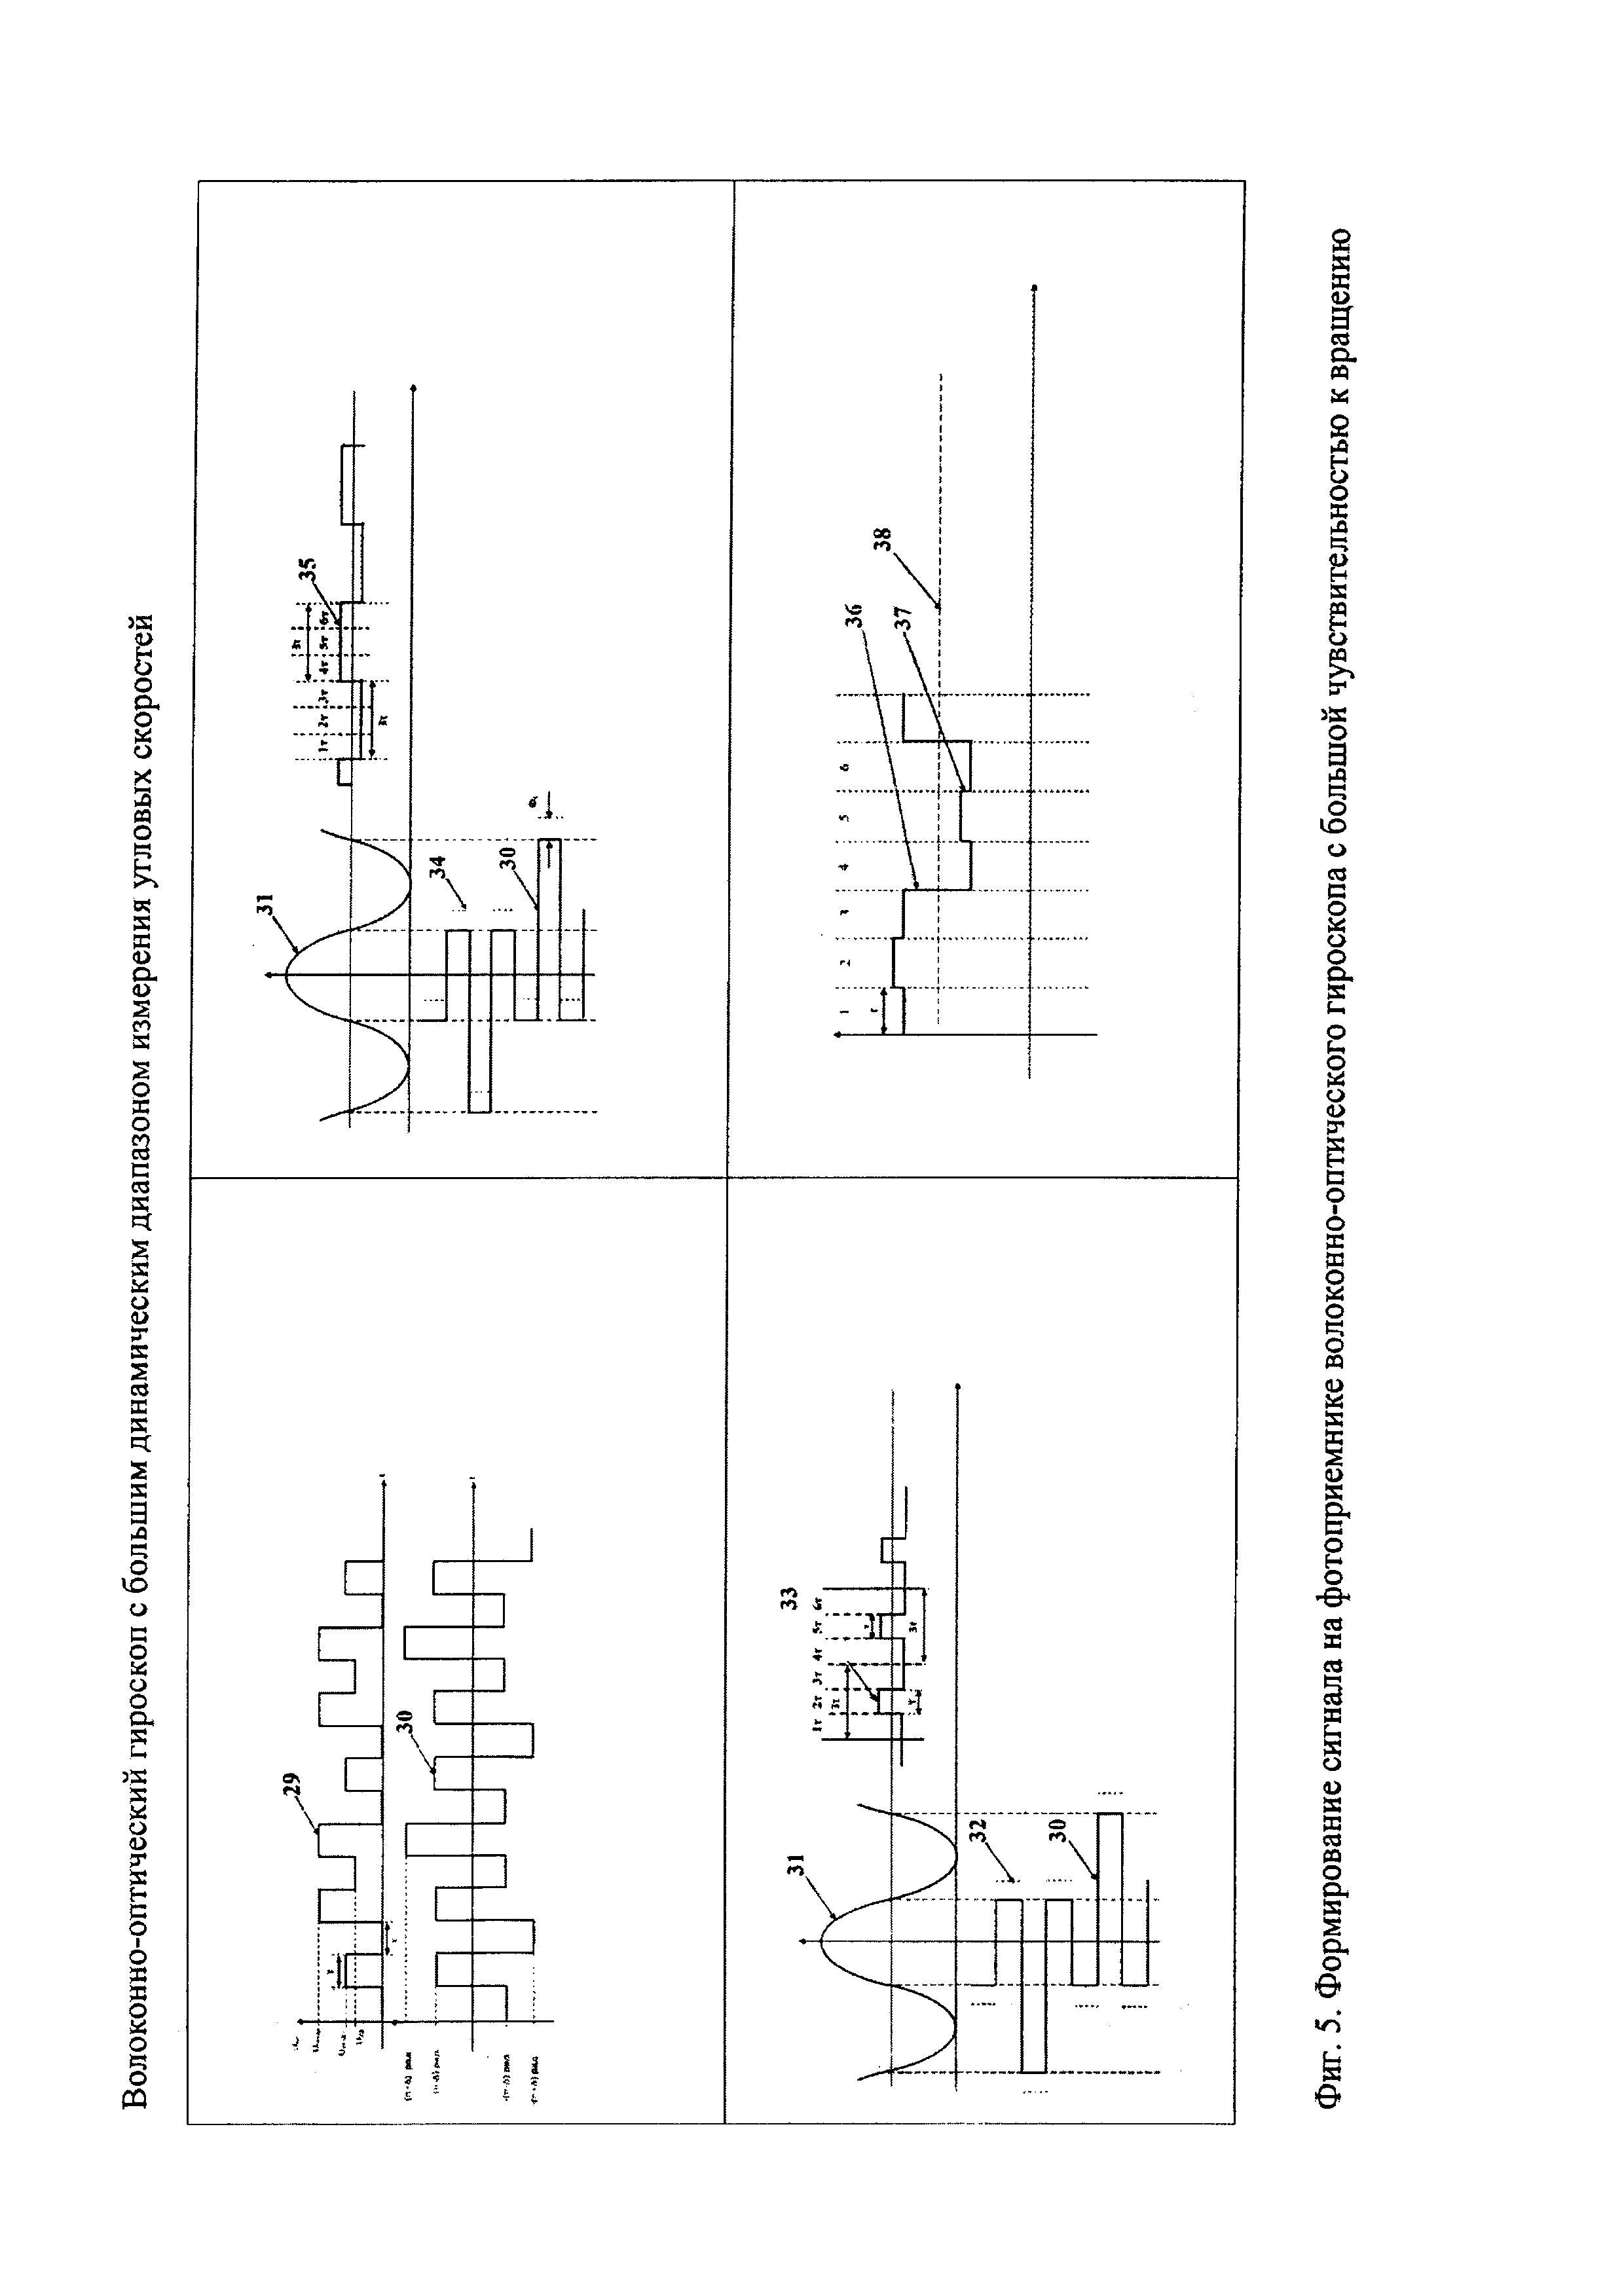 Волоконно-оптический гироскоп с большим динамическим диапазоном измерения угловых скоростей